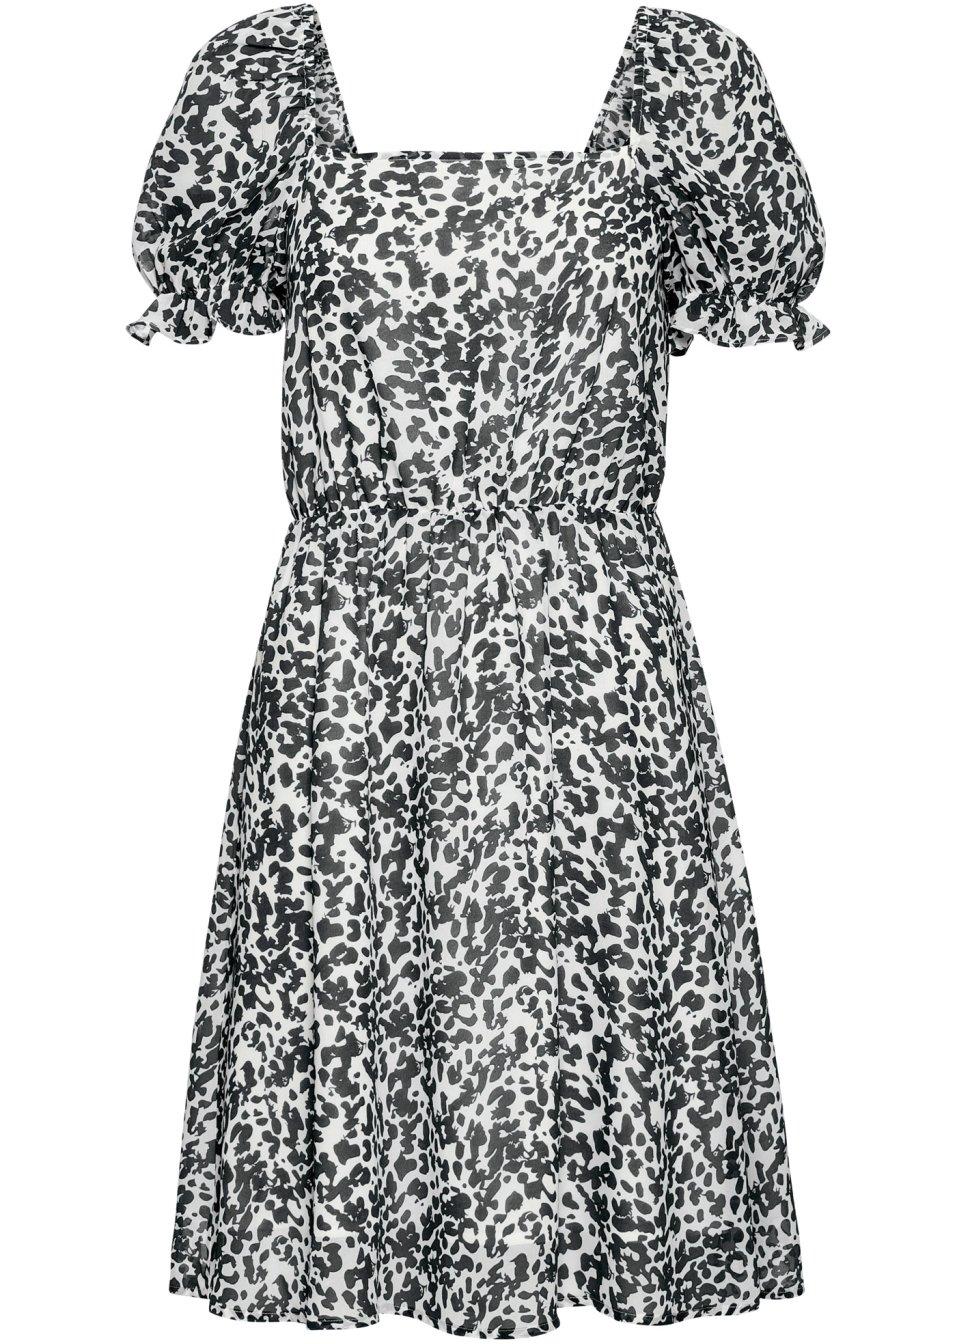 Schönes Kleid welches mit einem Futter unterlegt ist - schwarz/wollweiß gemustert ACyBX UeLgj